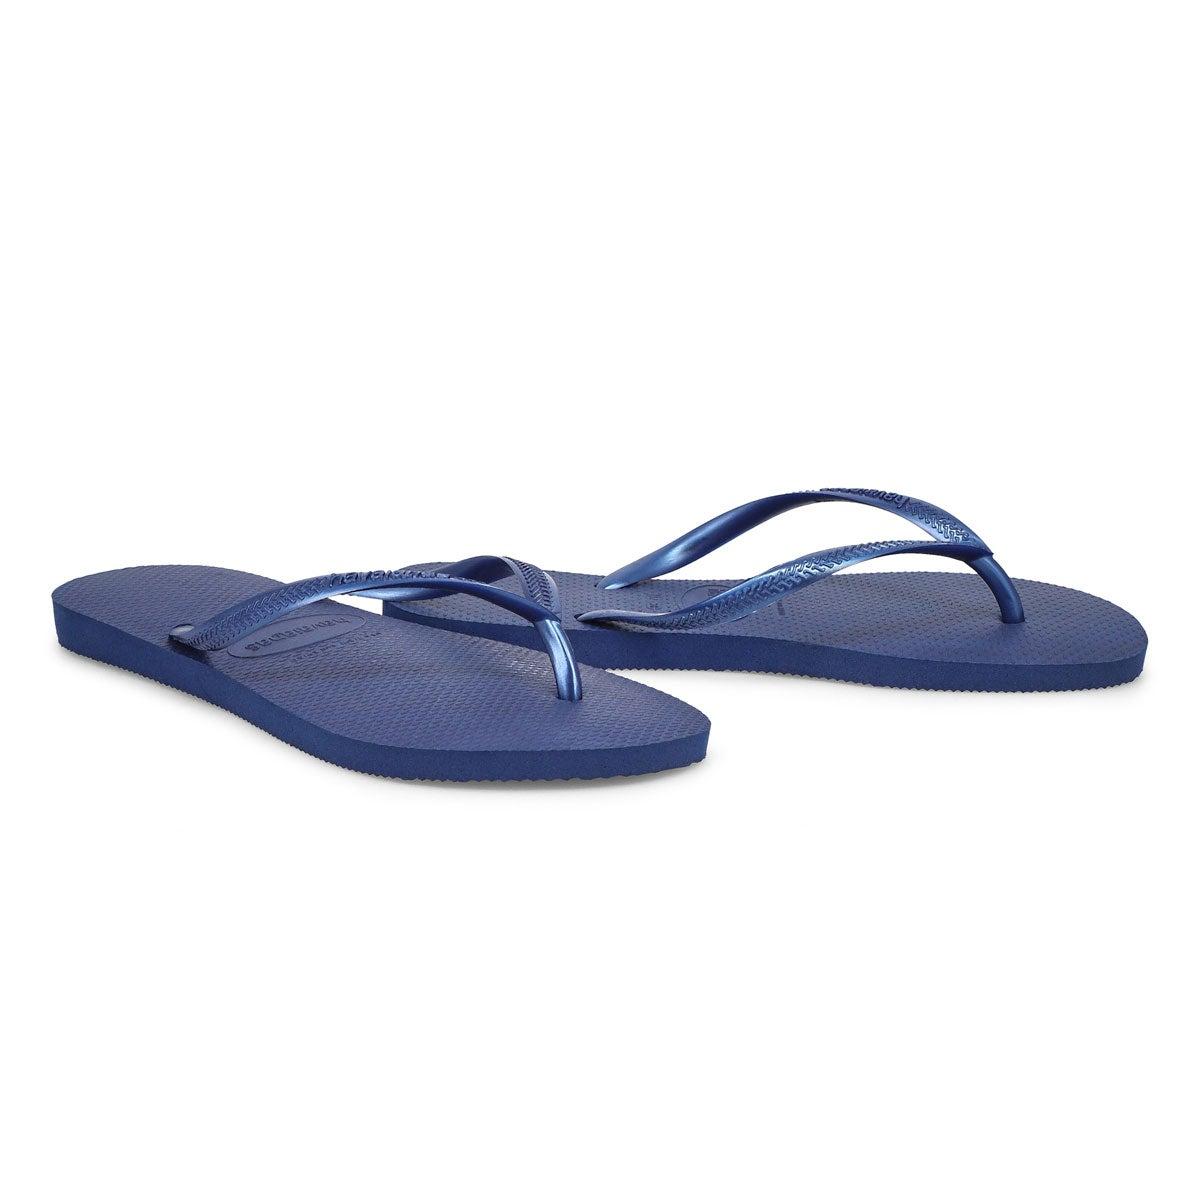 Women's Slim Flip Flops - Navy Blue